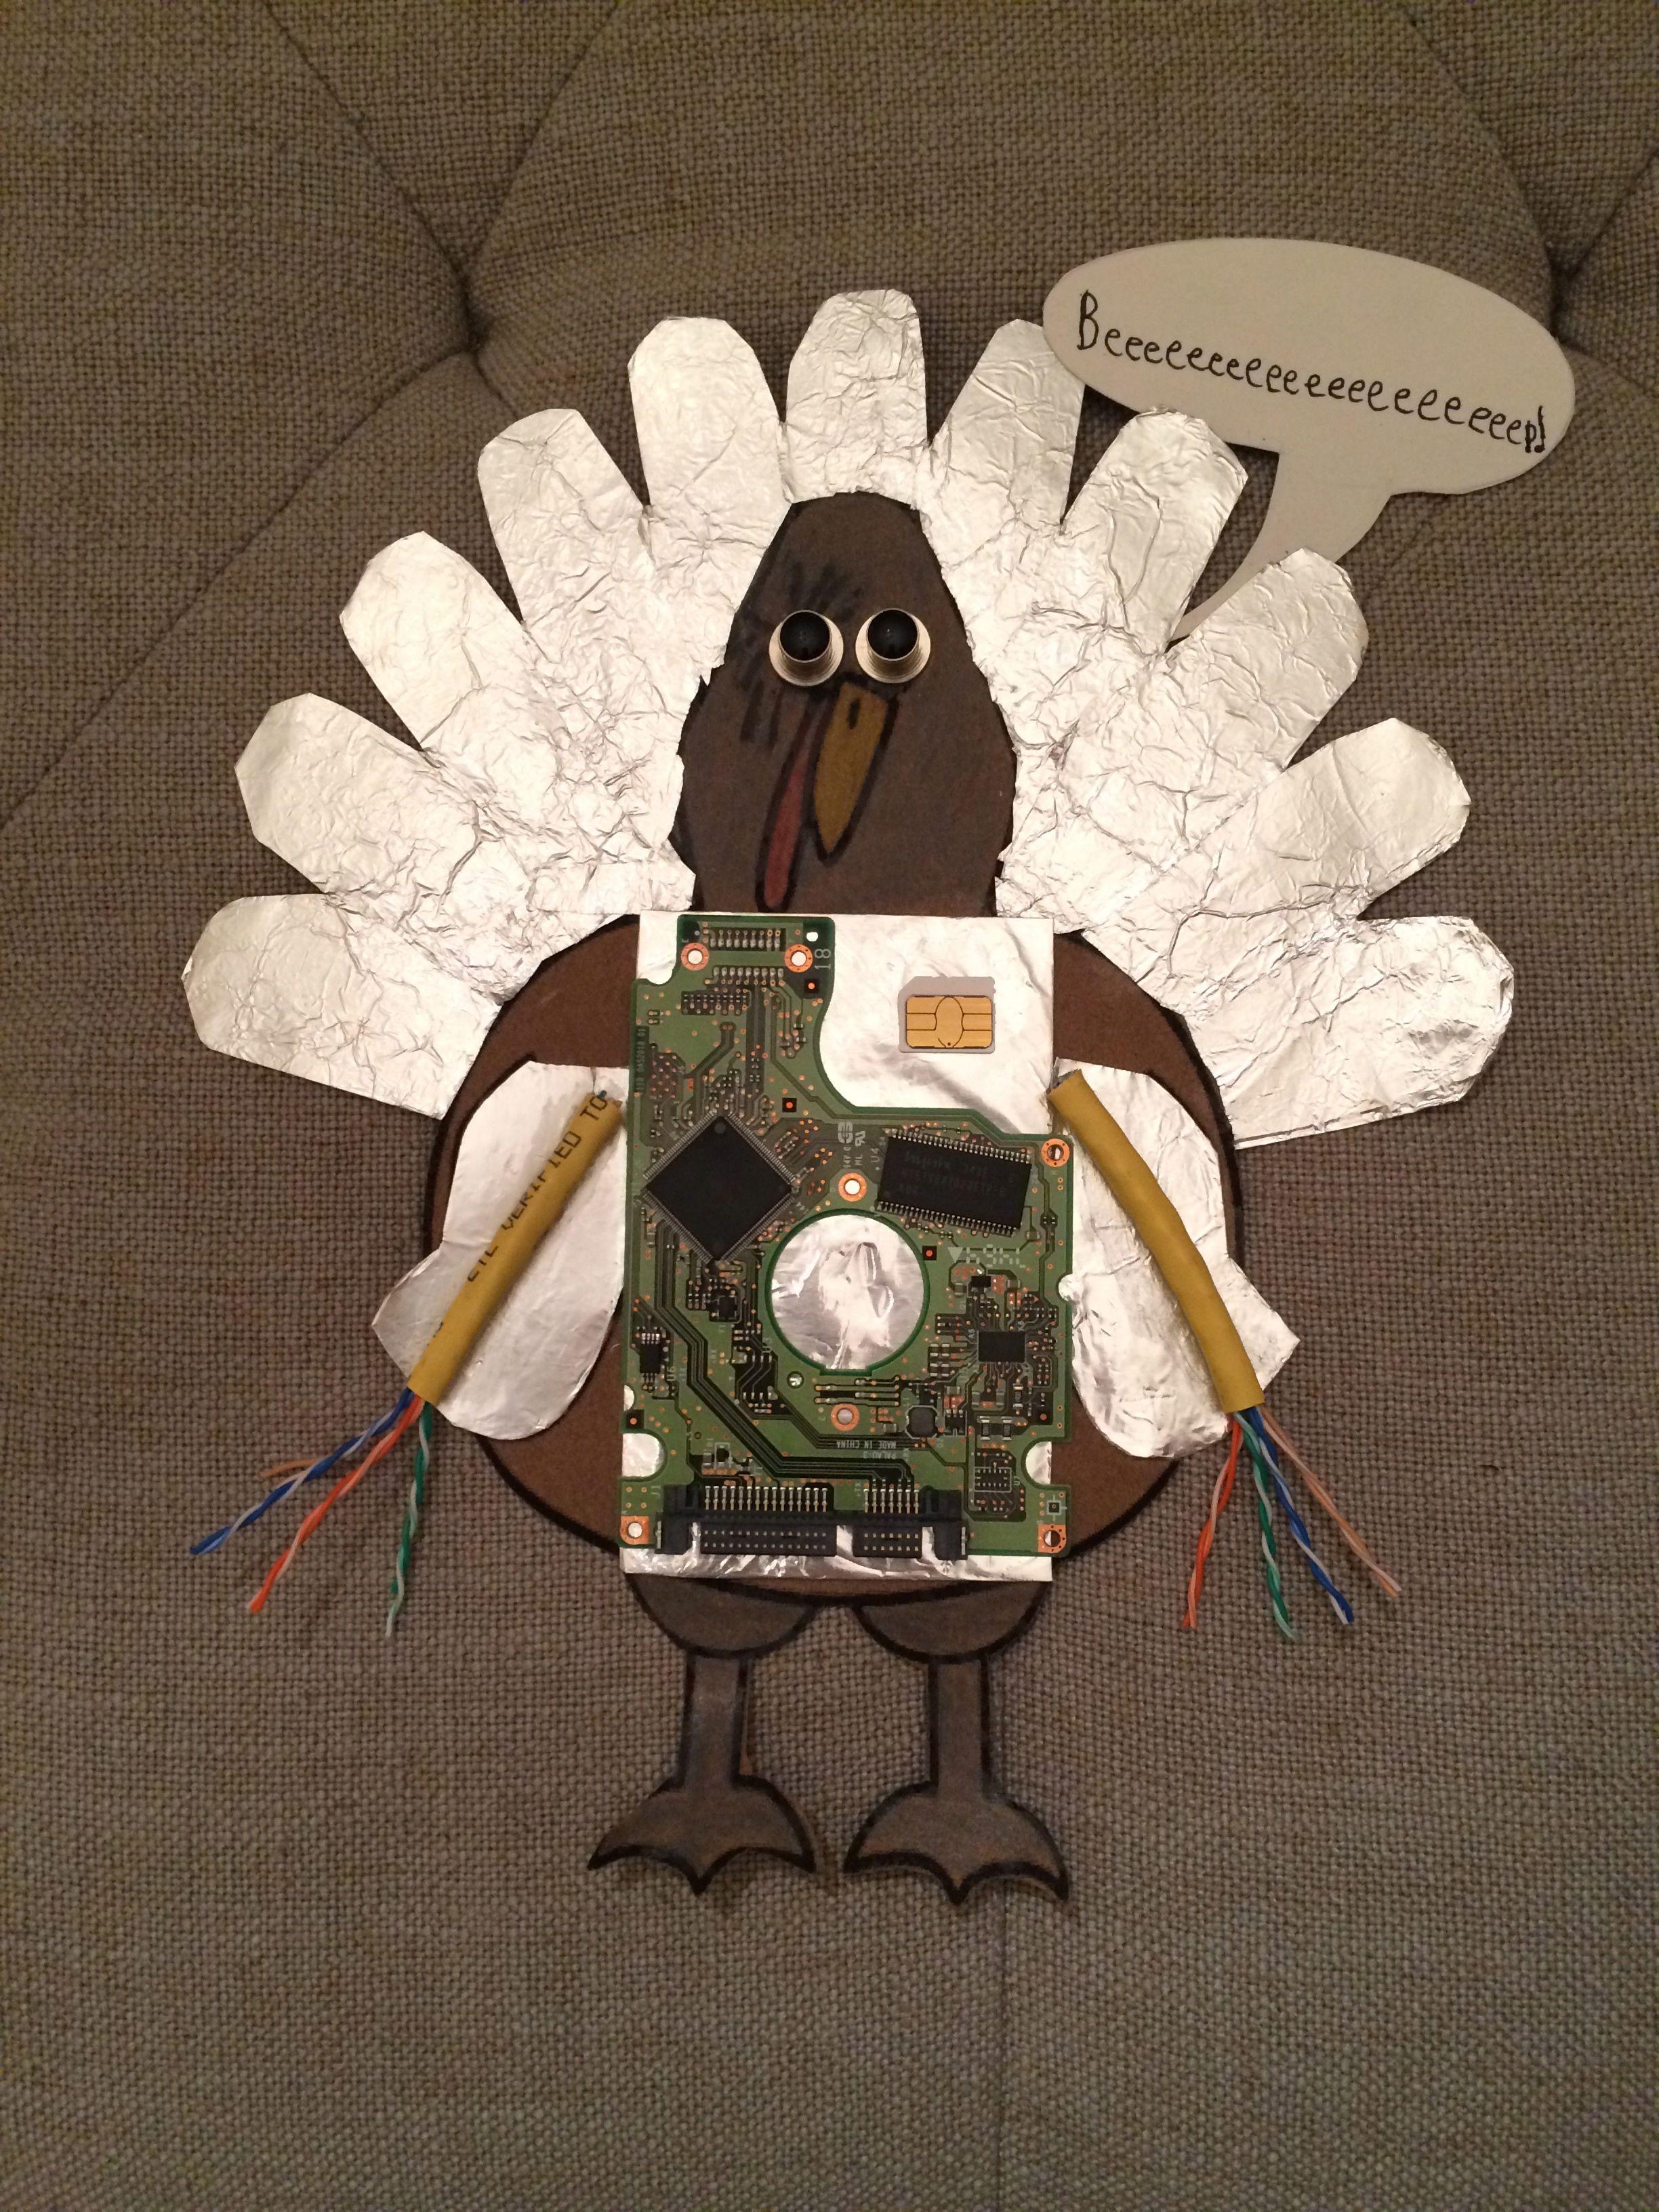 Tom Turkeys Robot Disguise